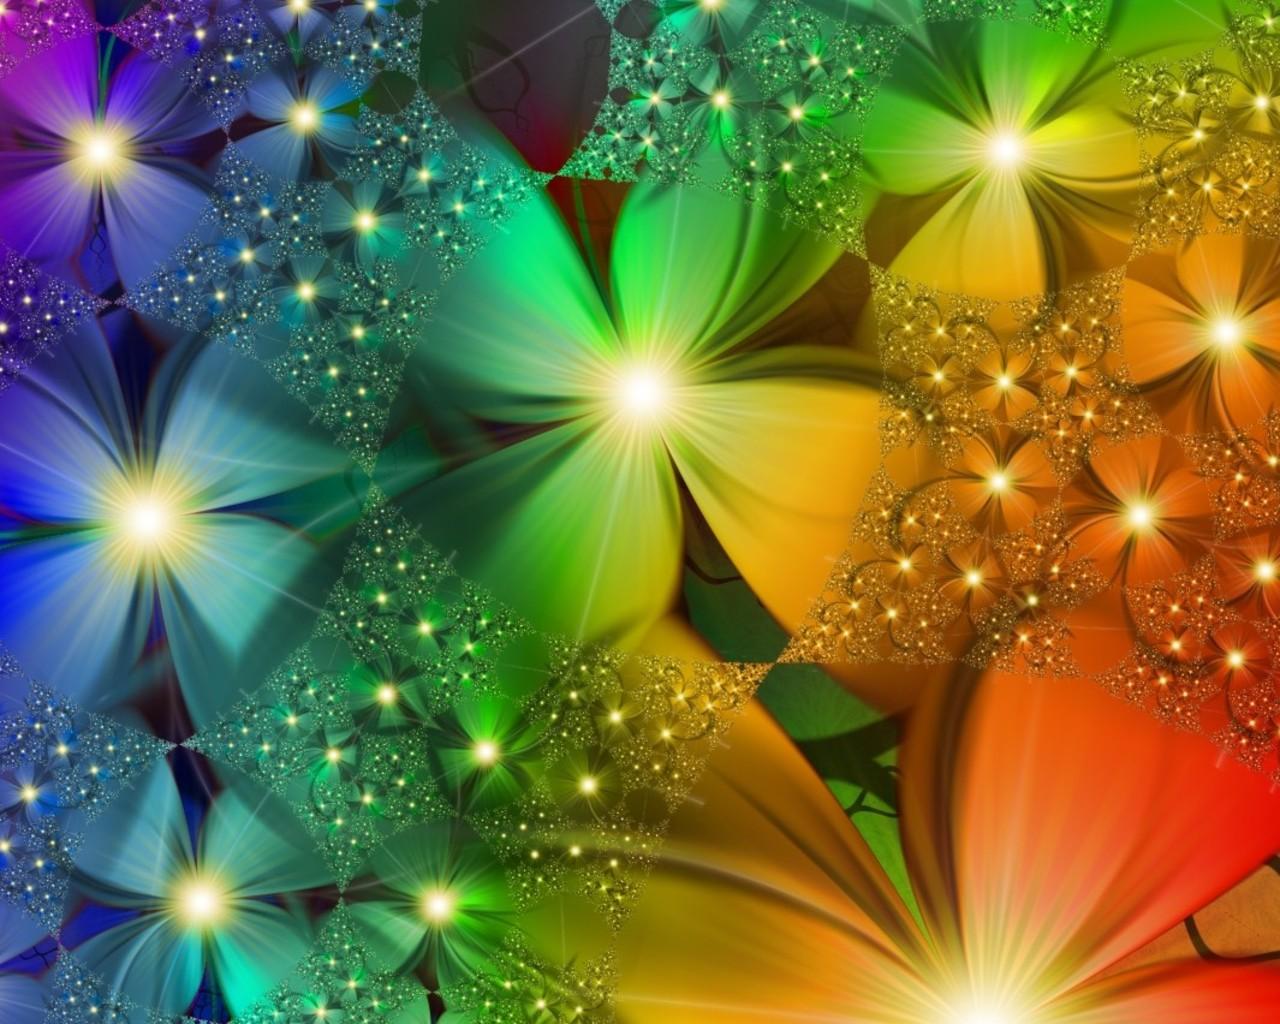 Colorful 3D Wallpapers wallpaper Colorful 3D Wallpapers hd 1280x1024